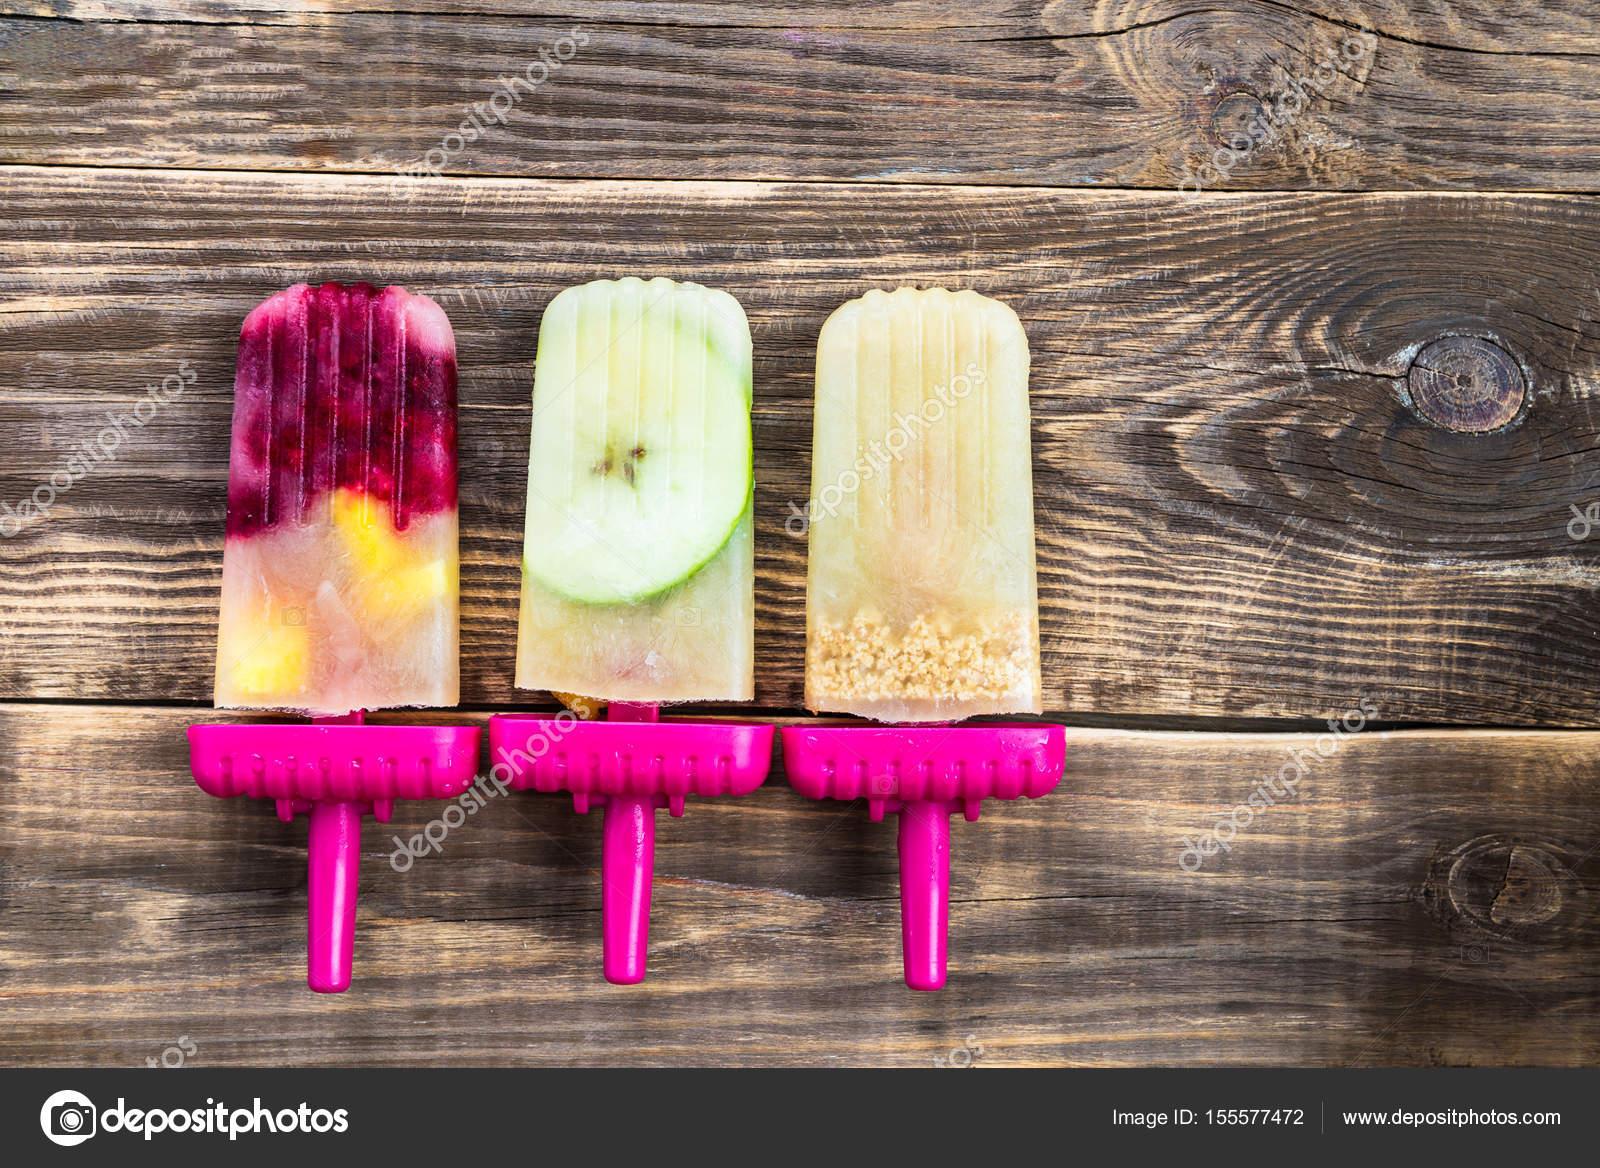 Popsicle maison vegan de jus de pomme congel et baies photographie manuta 155577472 - Jus de pomme maison ...